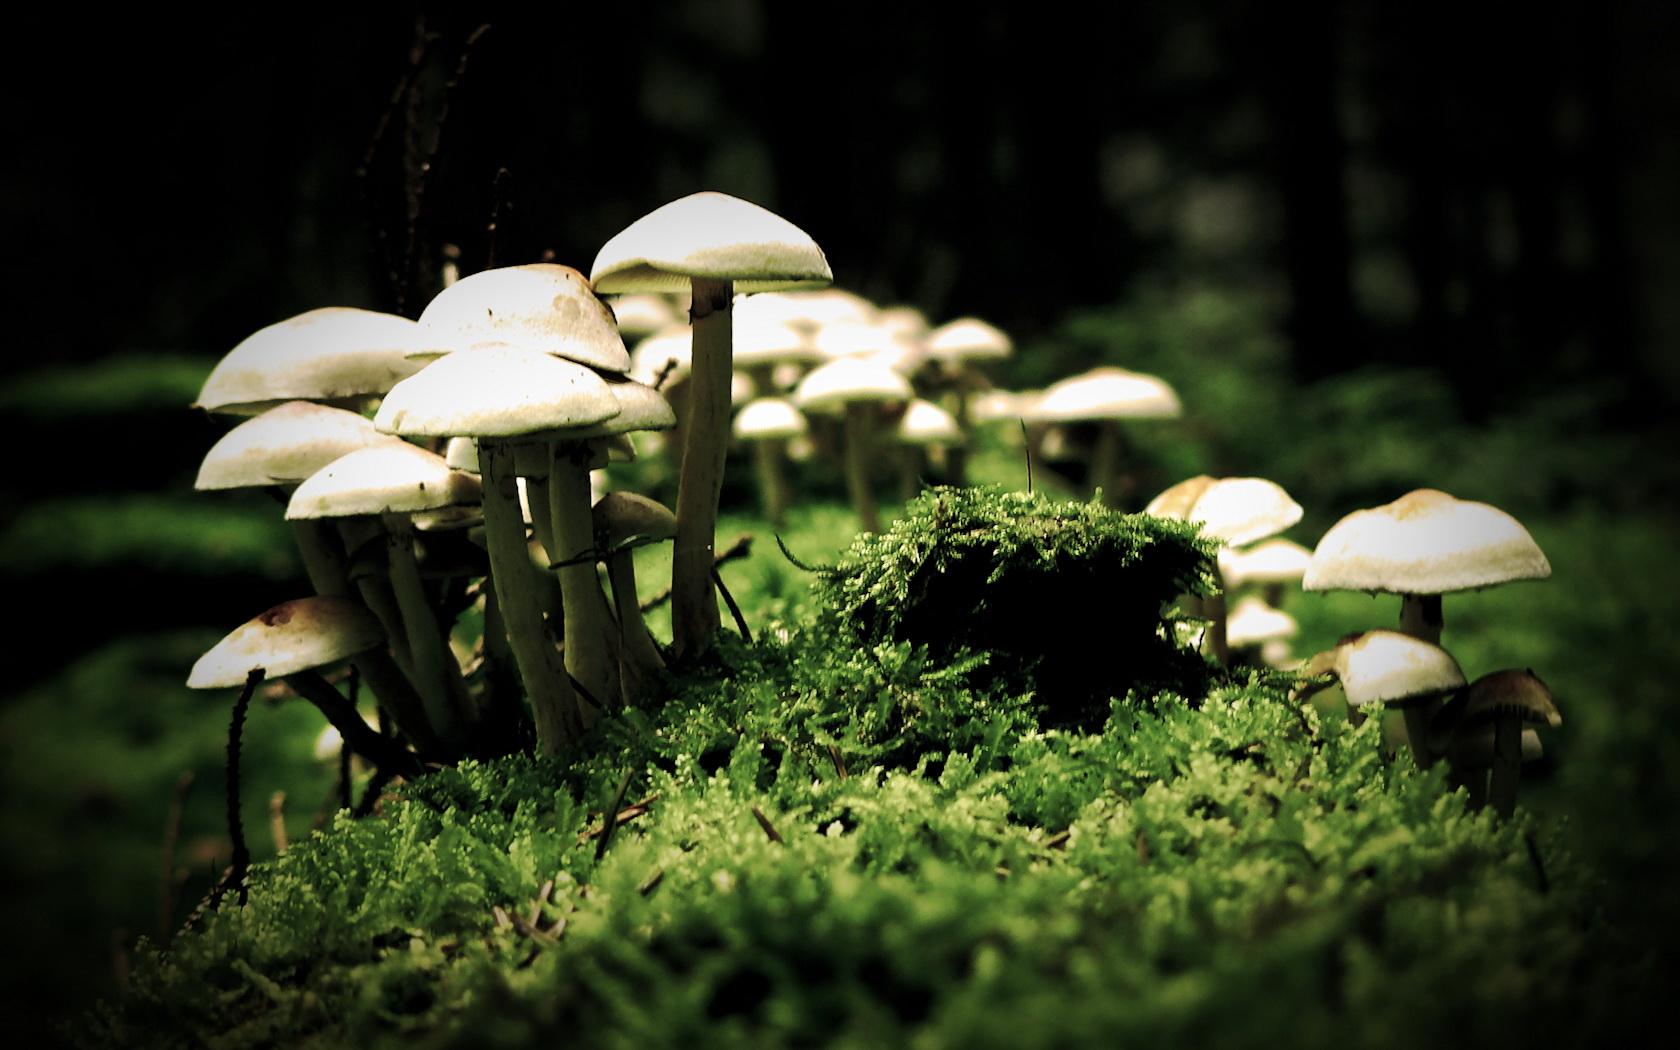 Nature_Mushrooms_Mushroom_cap_014661_.jp